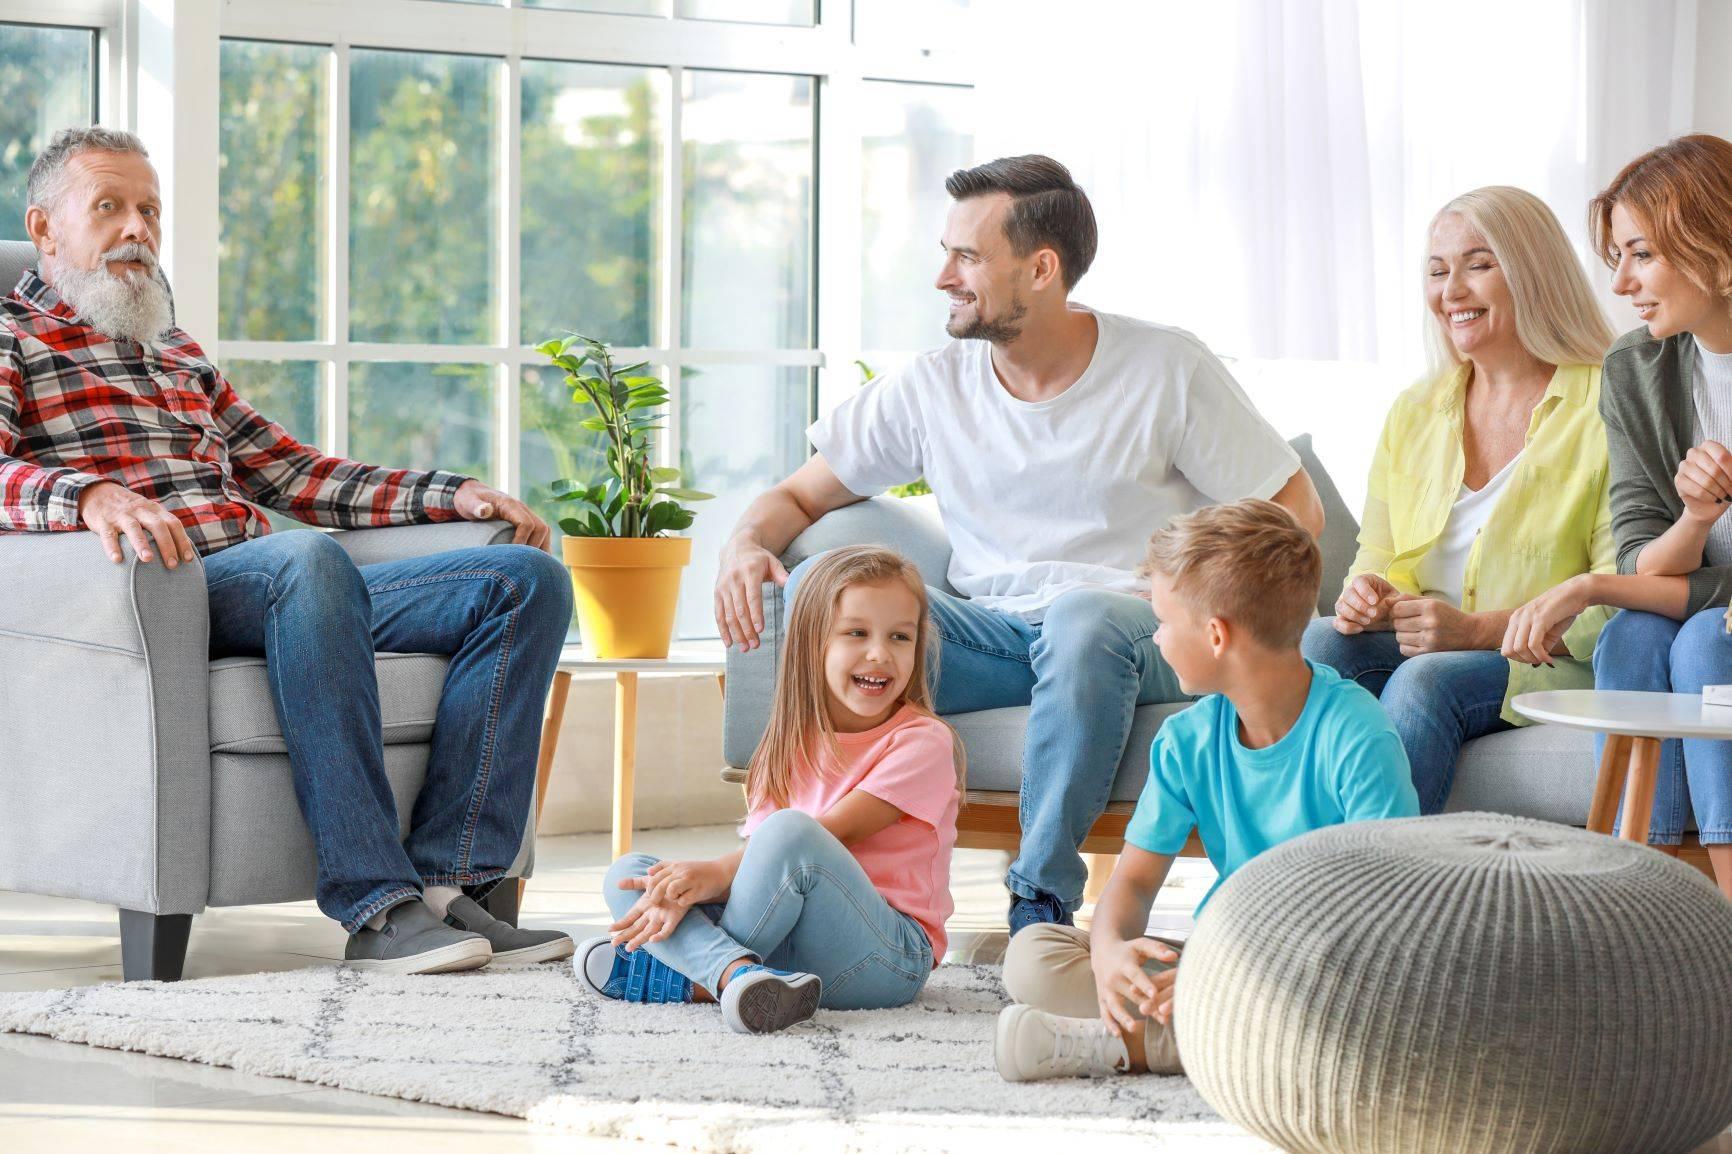 Wychowywanie dzieci - jak się porozumieć z dziadkami?